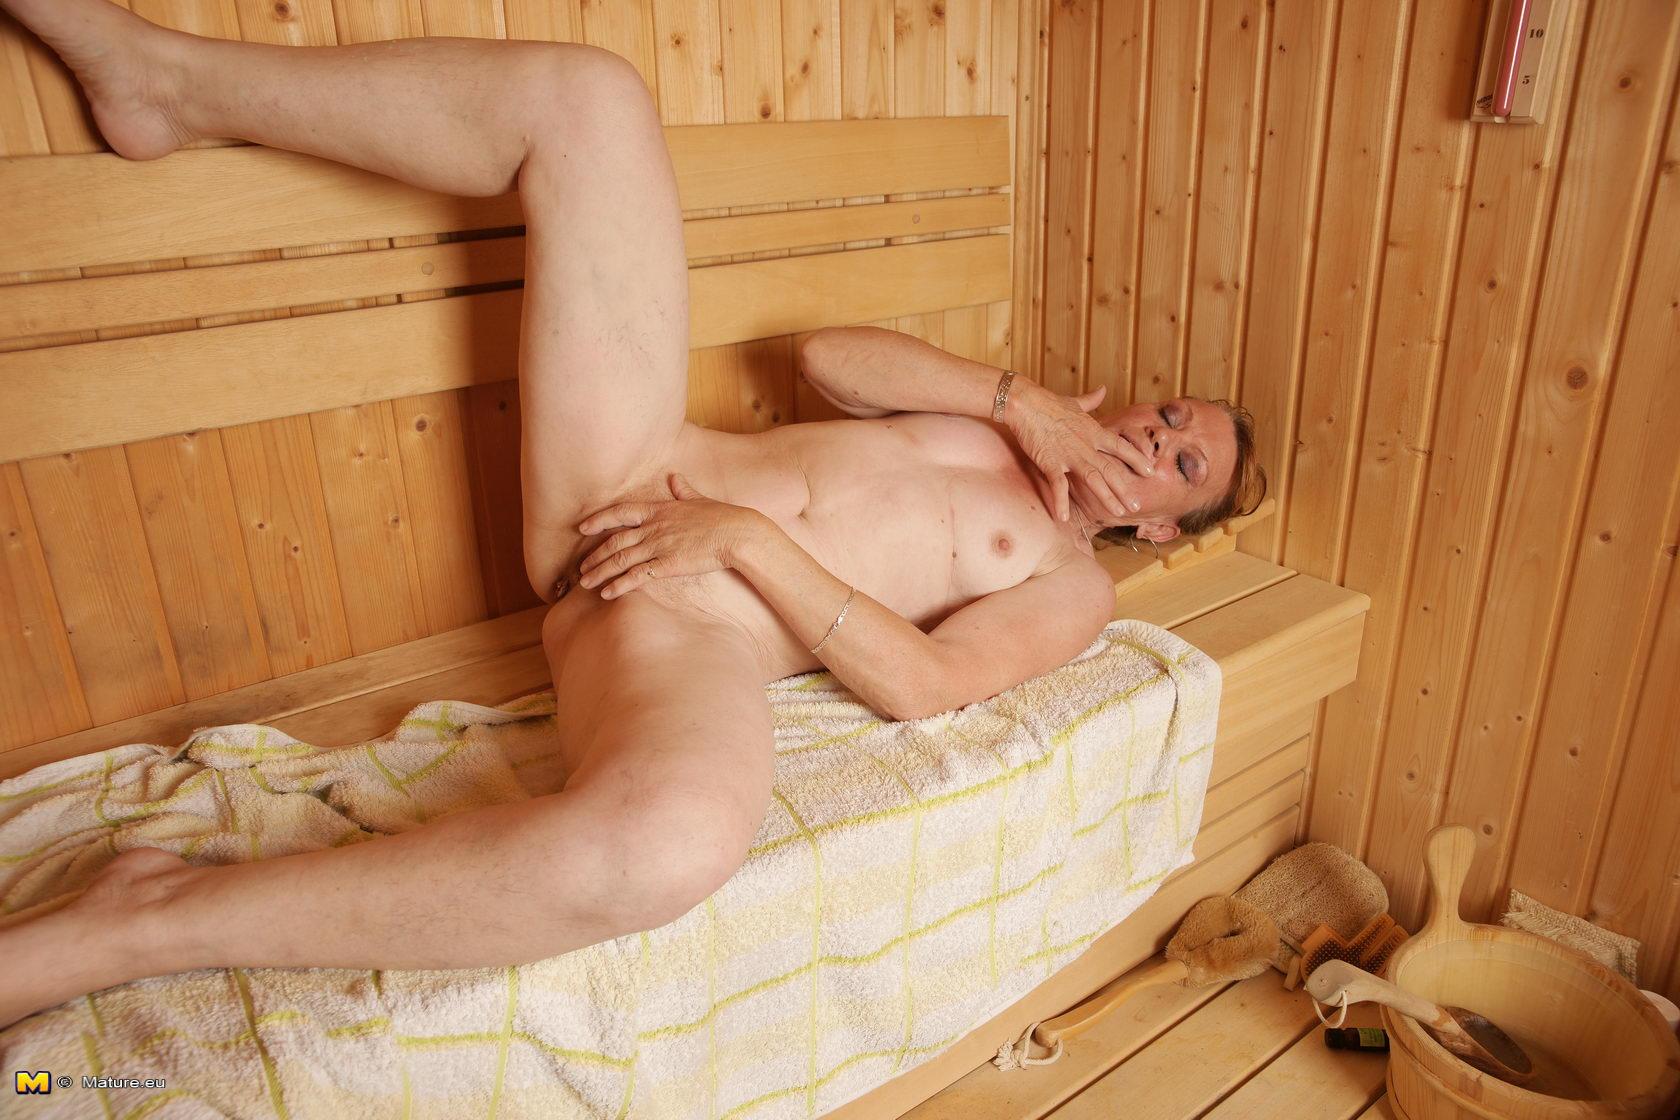 watch horny single playing bathtub